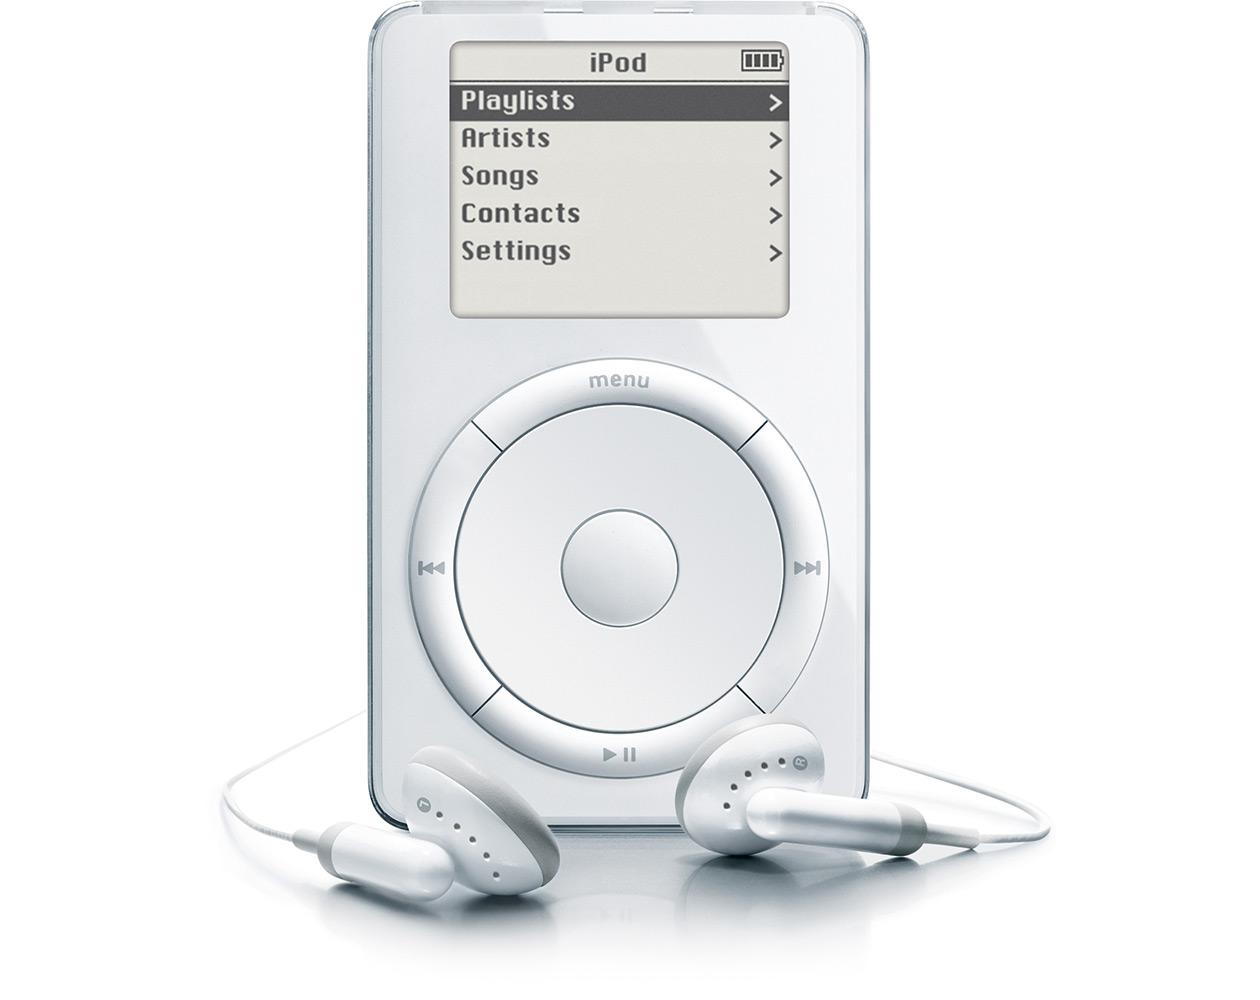 Влияние iPod на сферу вычислений предсказали еще в 2001 году